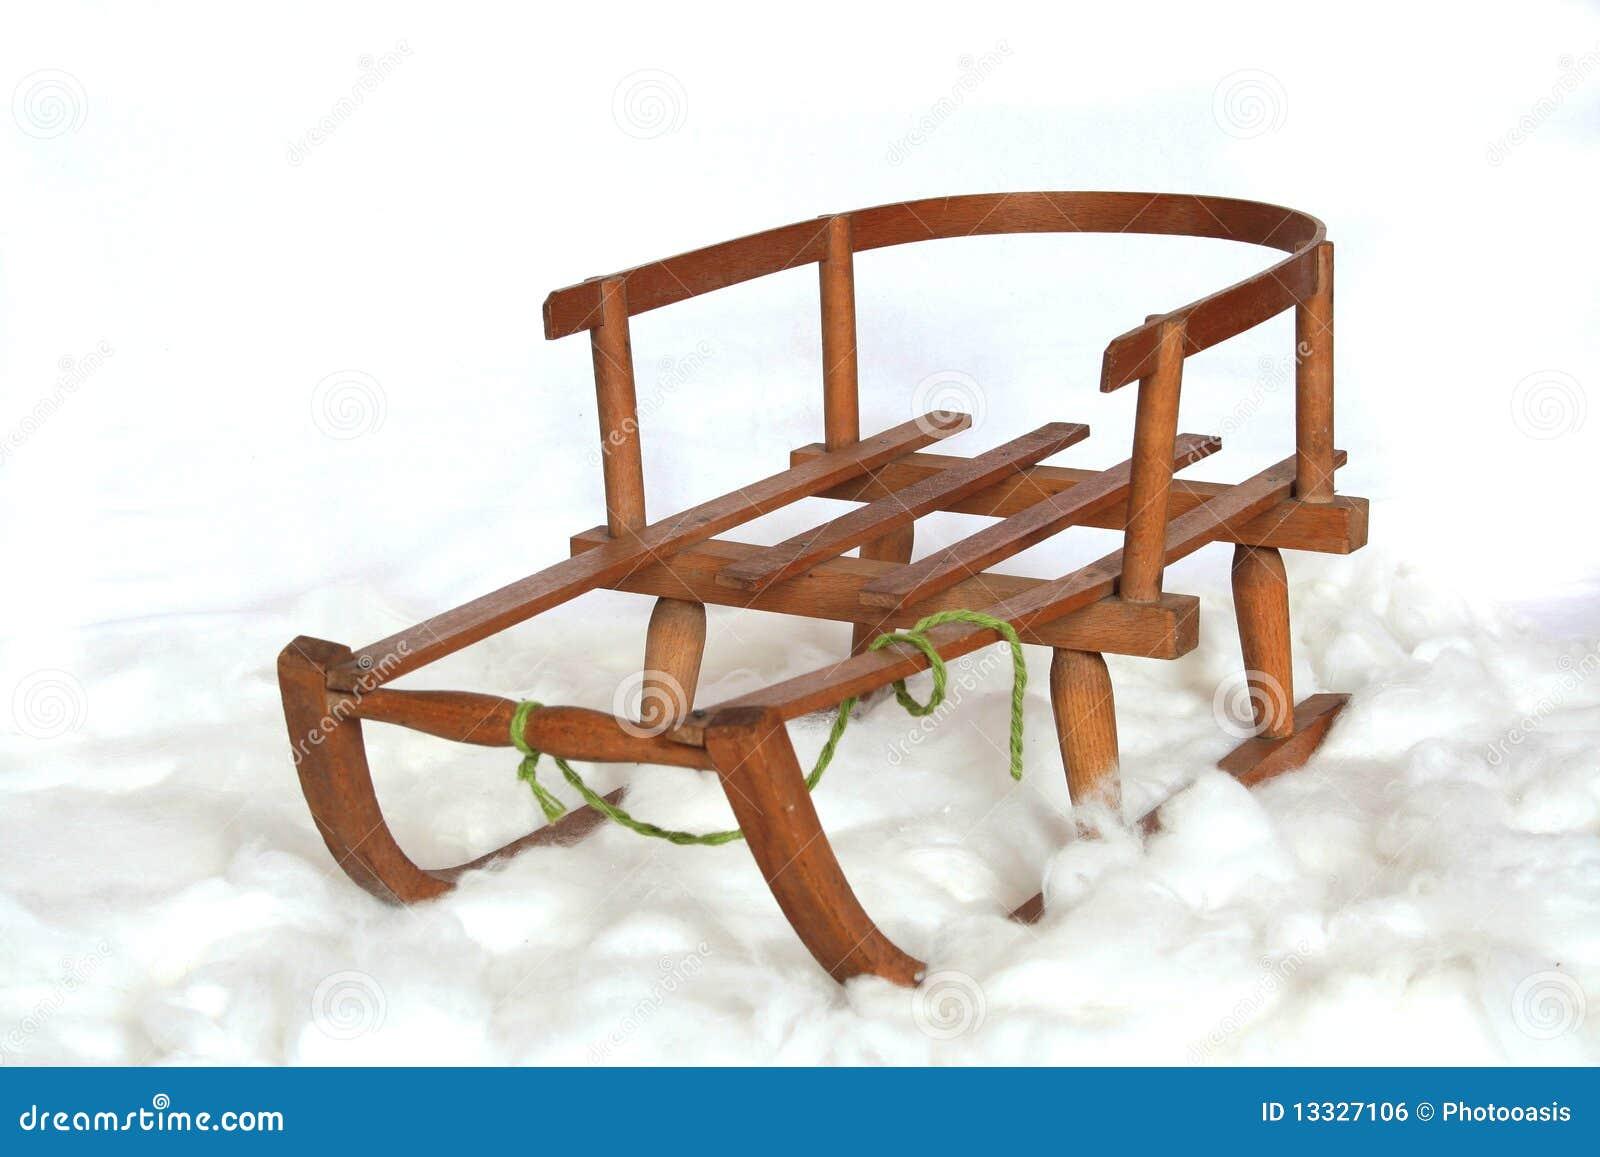 Sanie śnieg